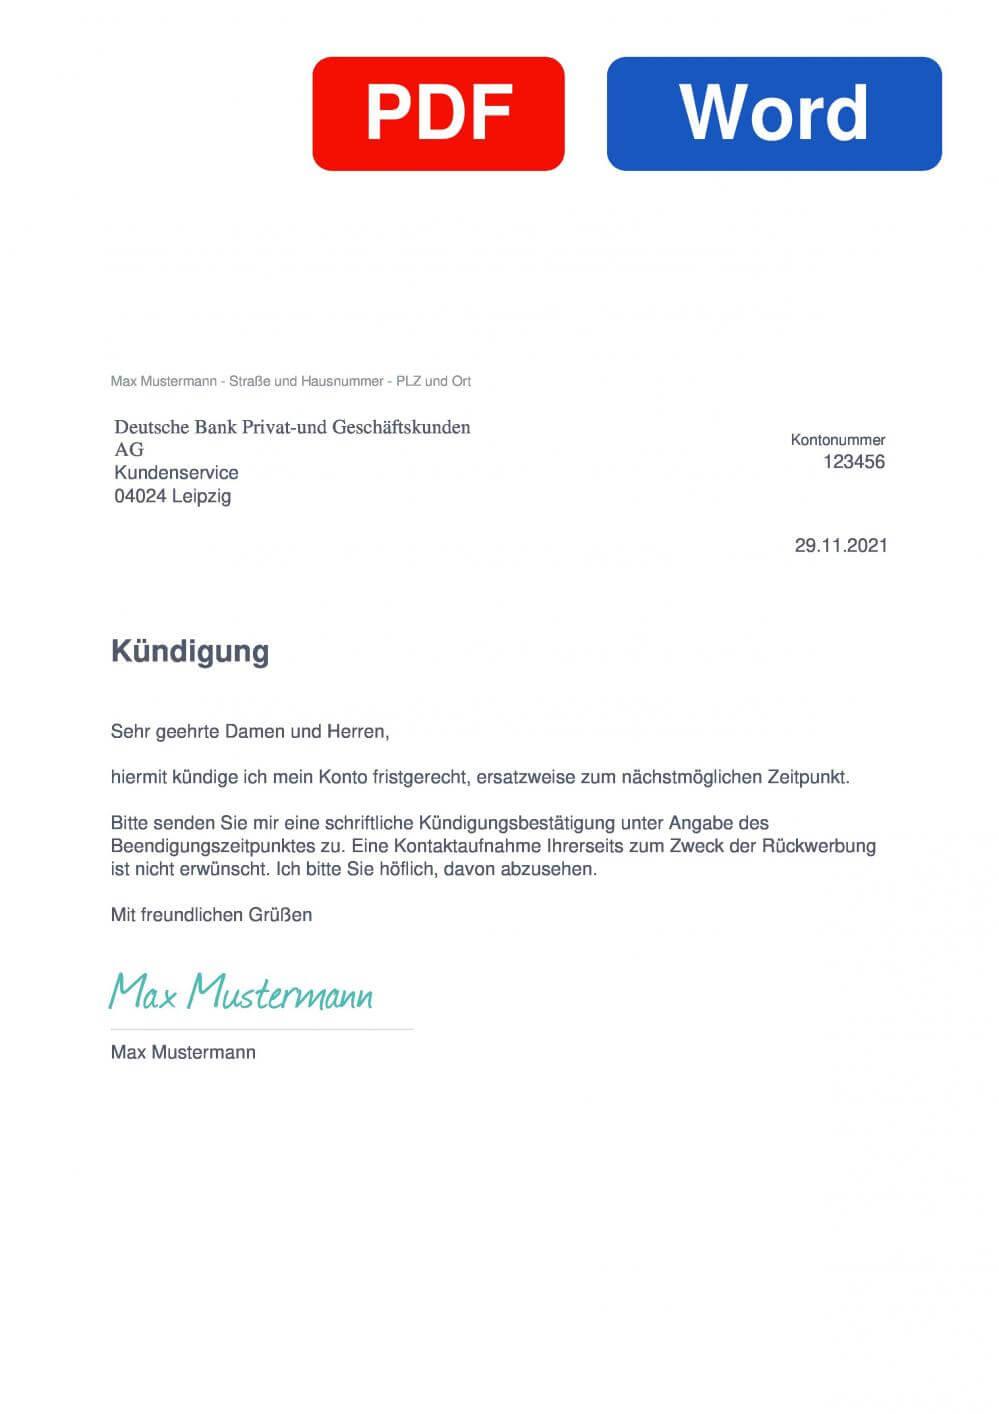 Deutsche Bank Junges Konto Muster Vorlage für Kündigungsschreiben